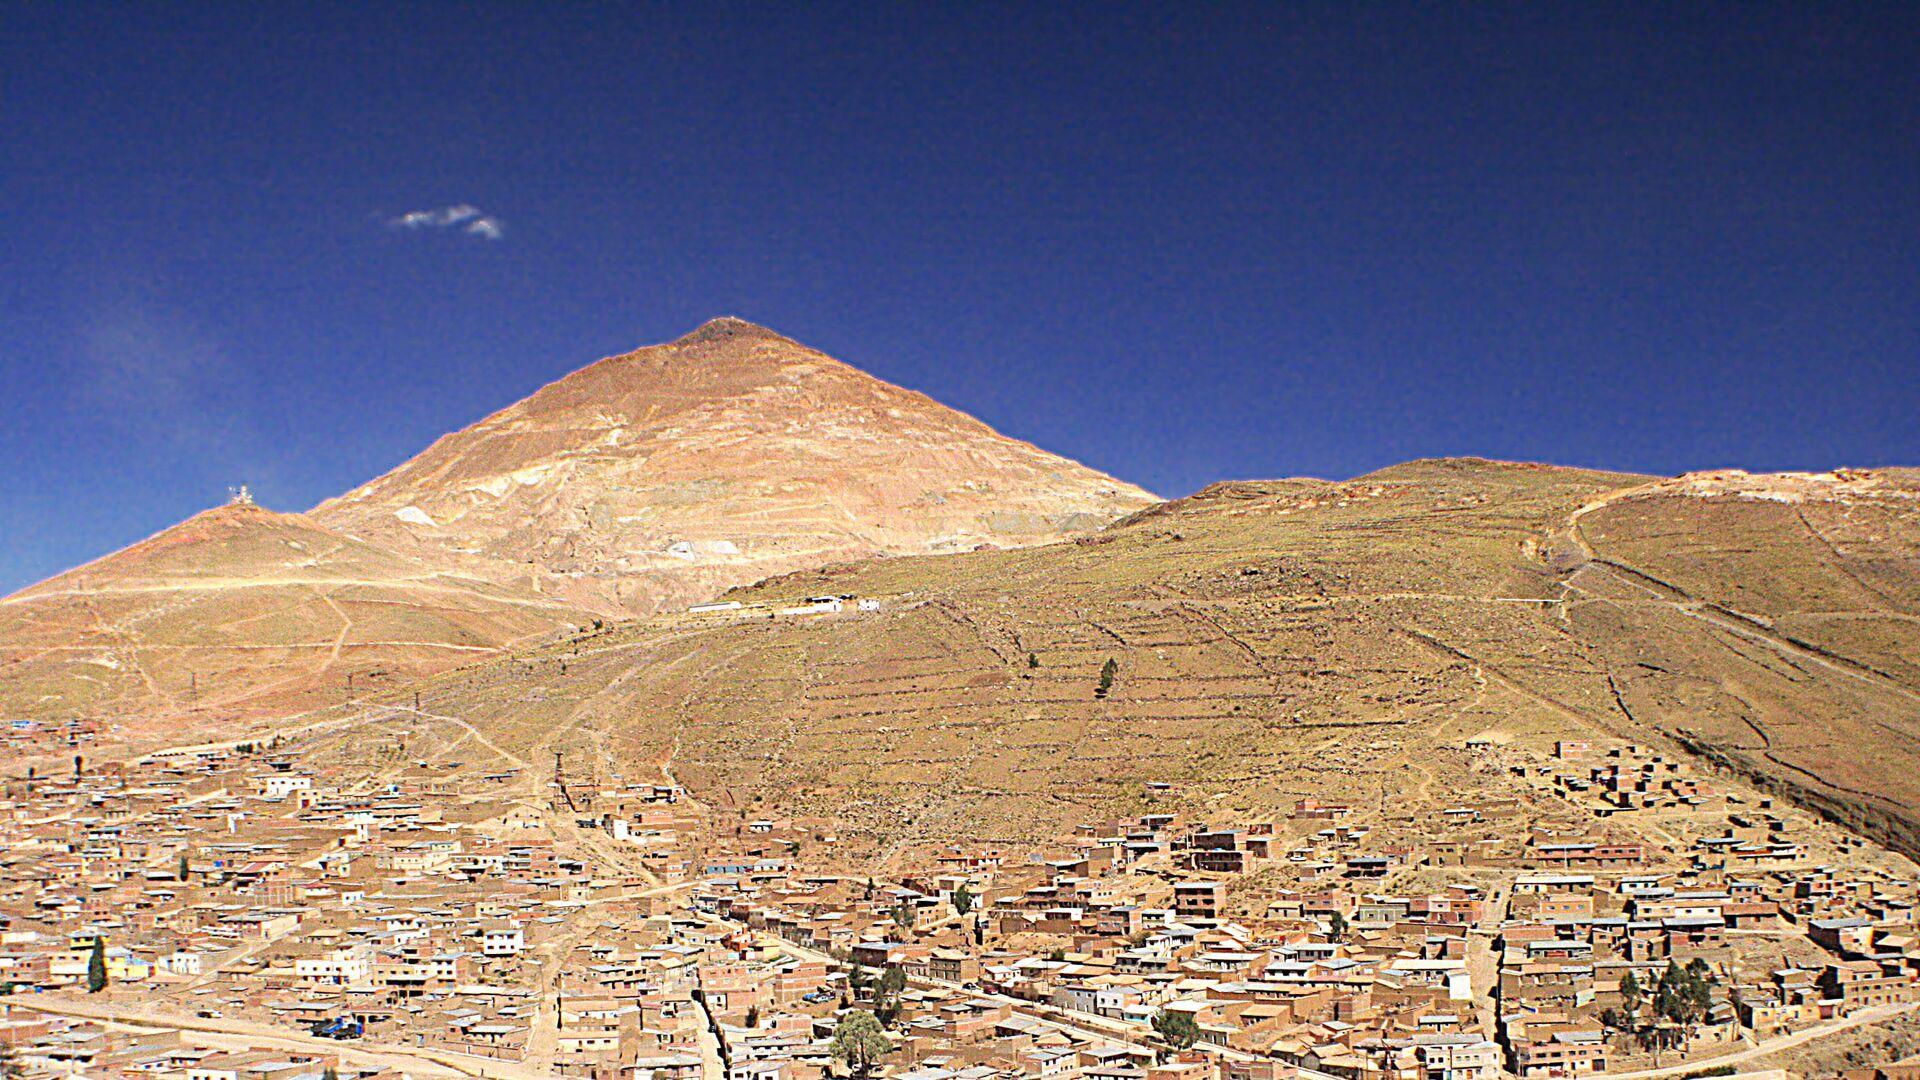 Cerro Rico de Potosí, Bolivia - Sputnik Mundo, 1920, 08.09.2021